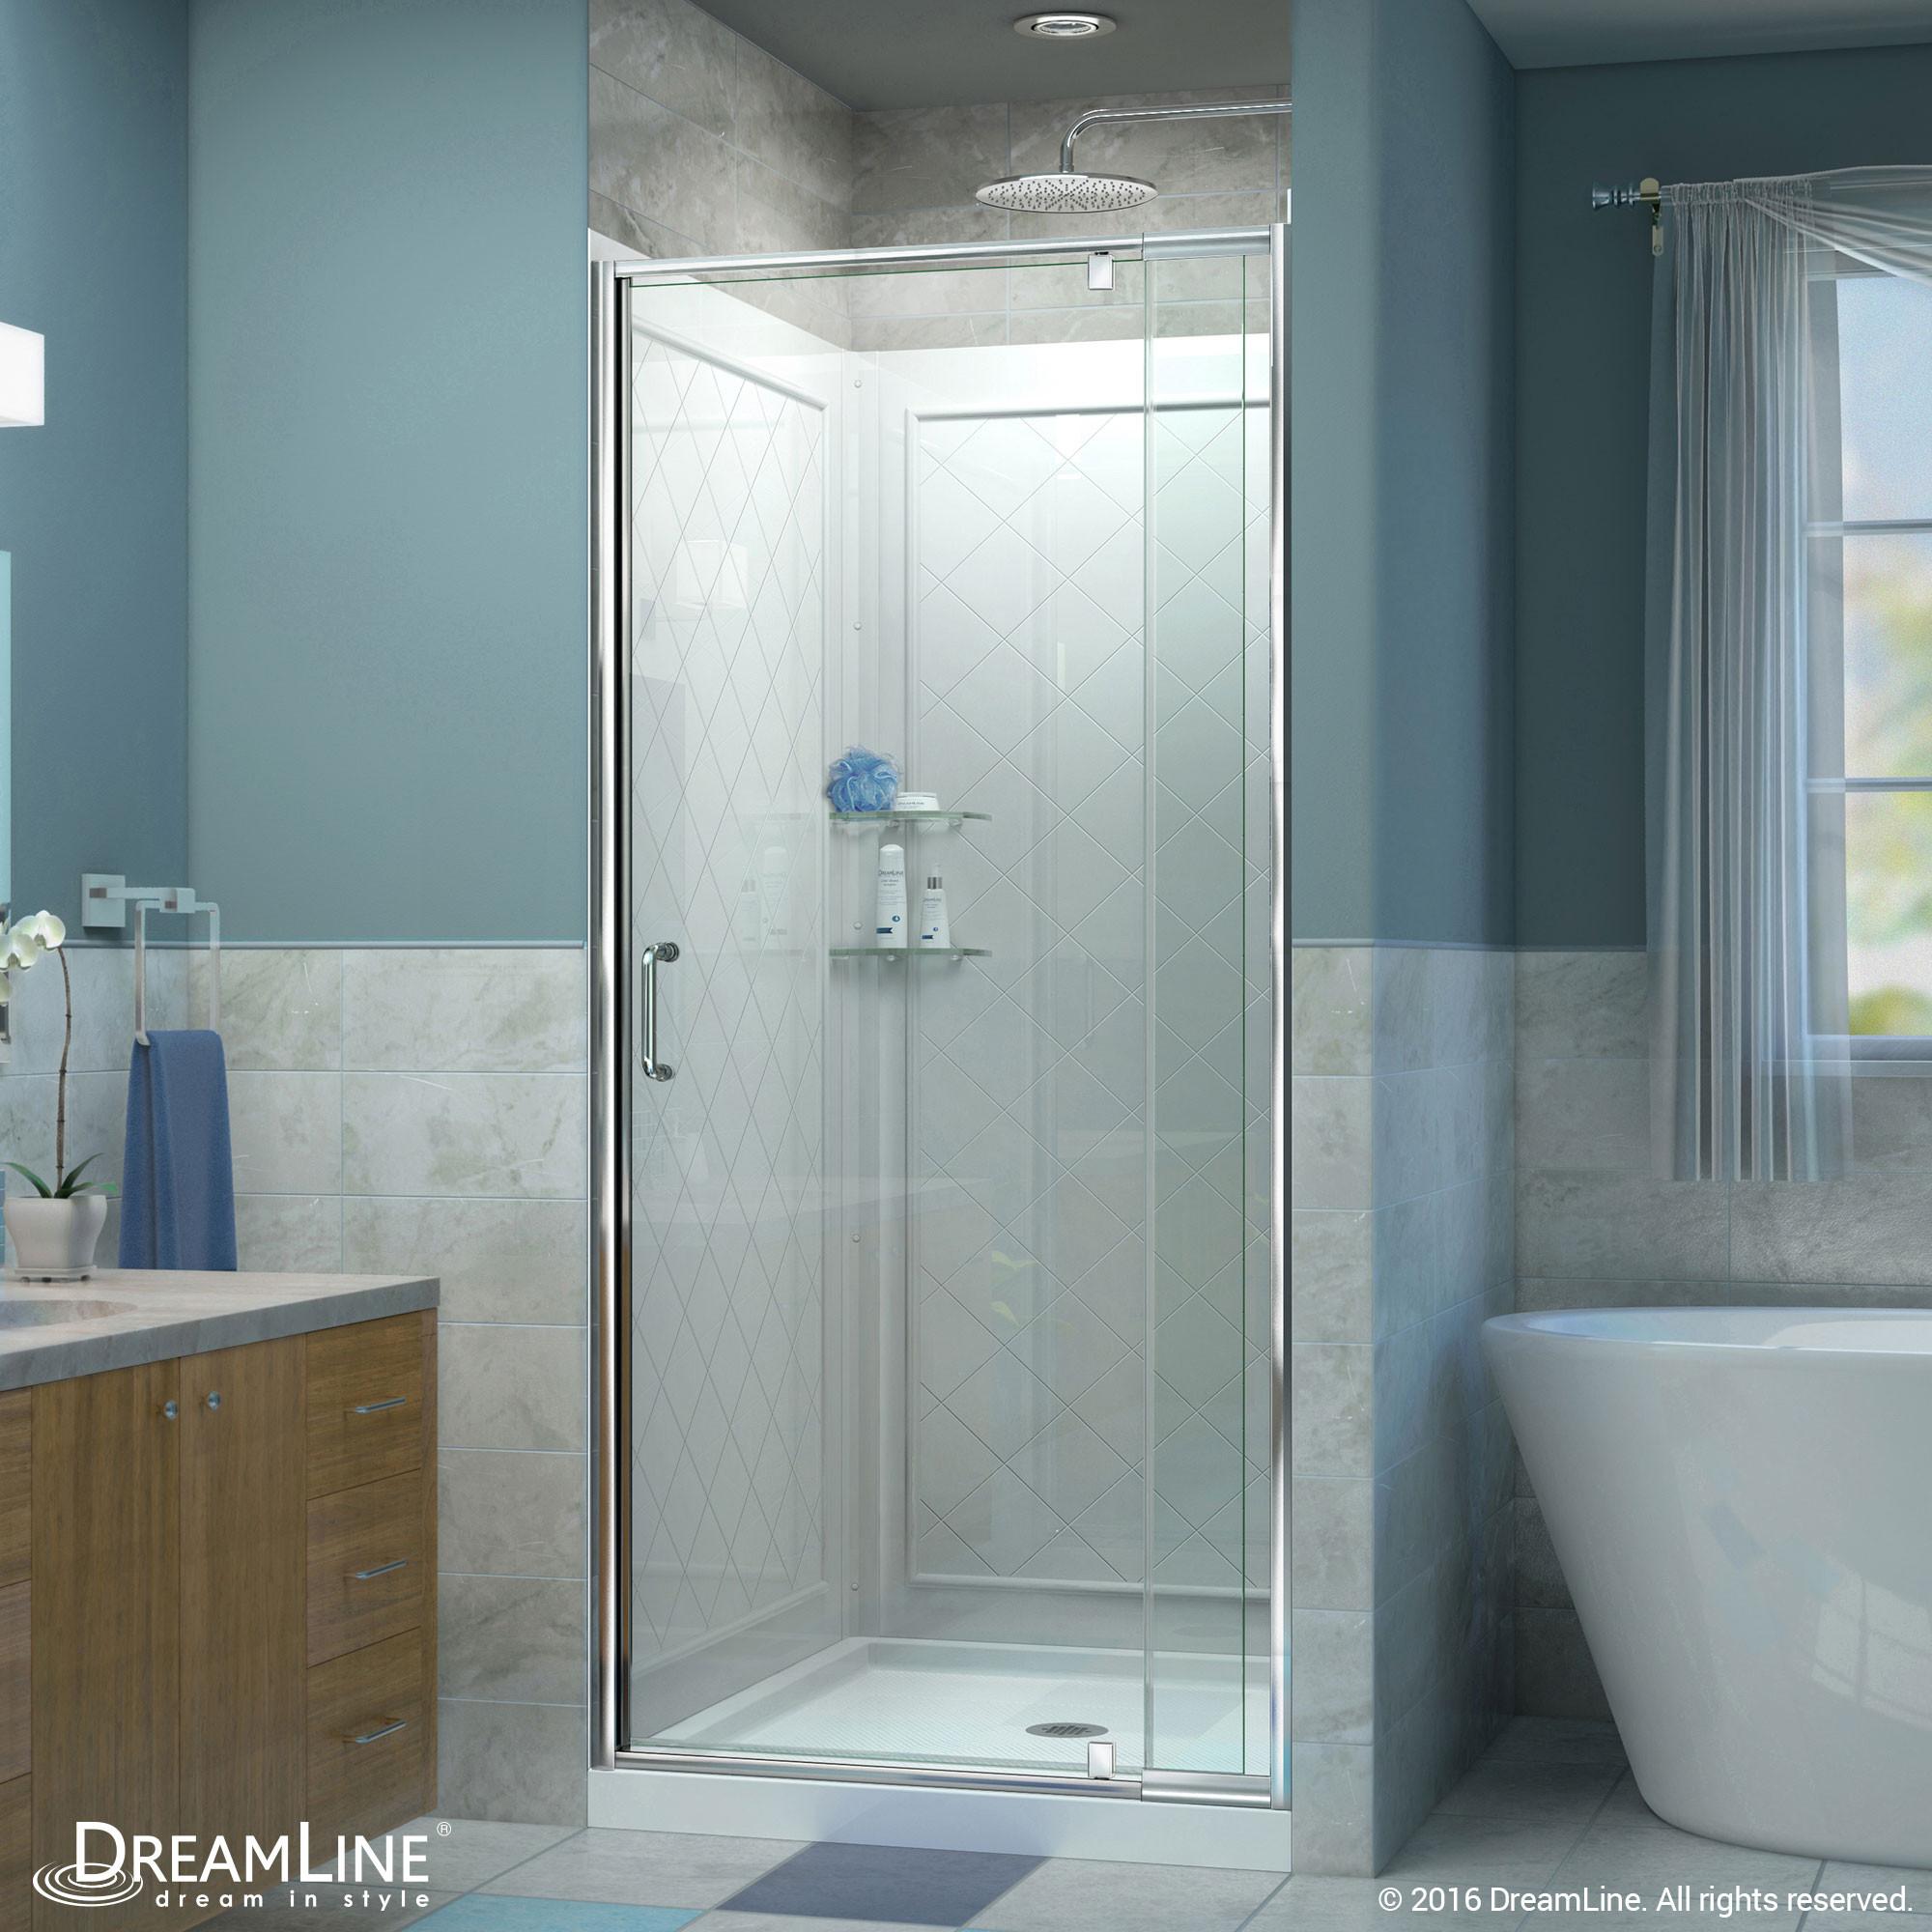 DreamLine DL-6218C-01CL Flex 36-in. Frameless Shower Door, Backwall and Base Kit, Chrome Hardware